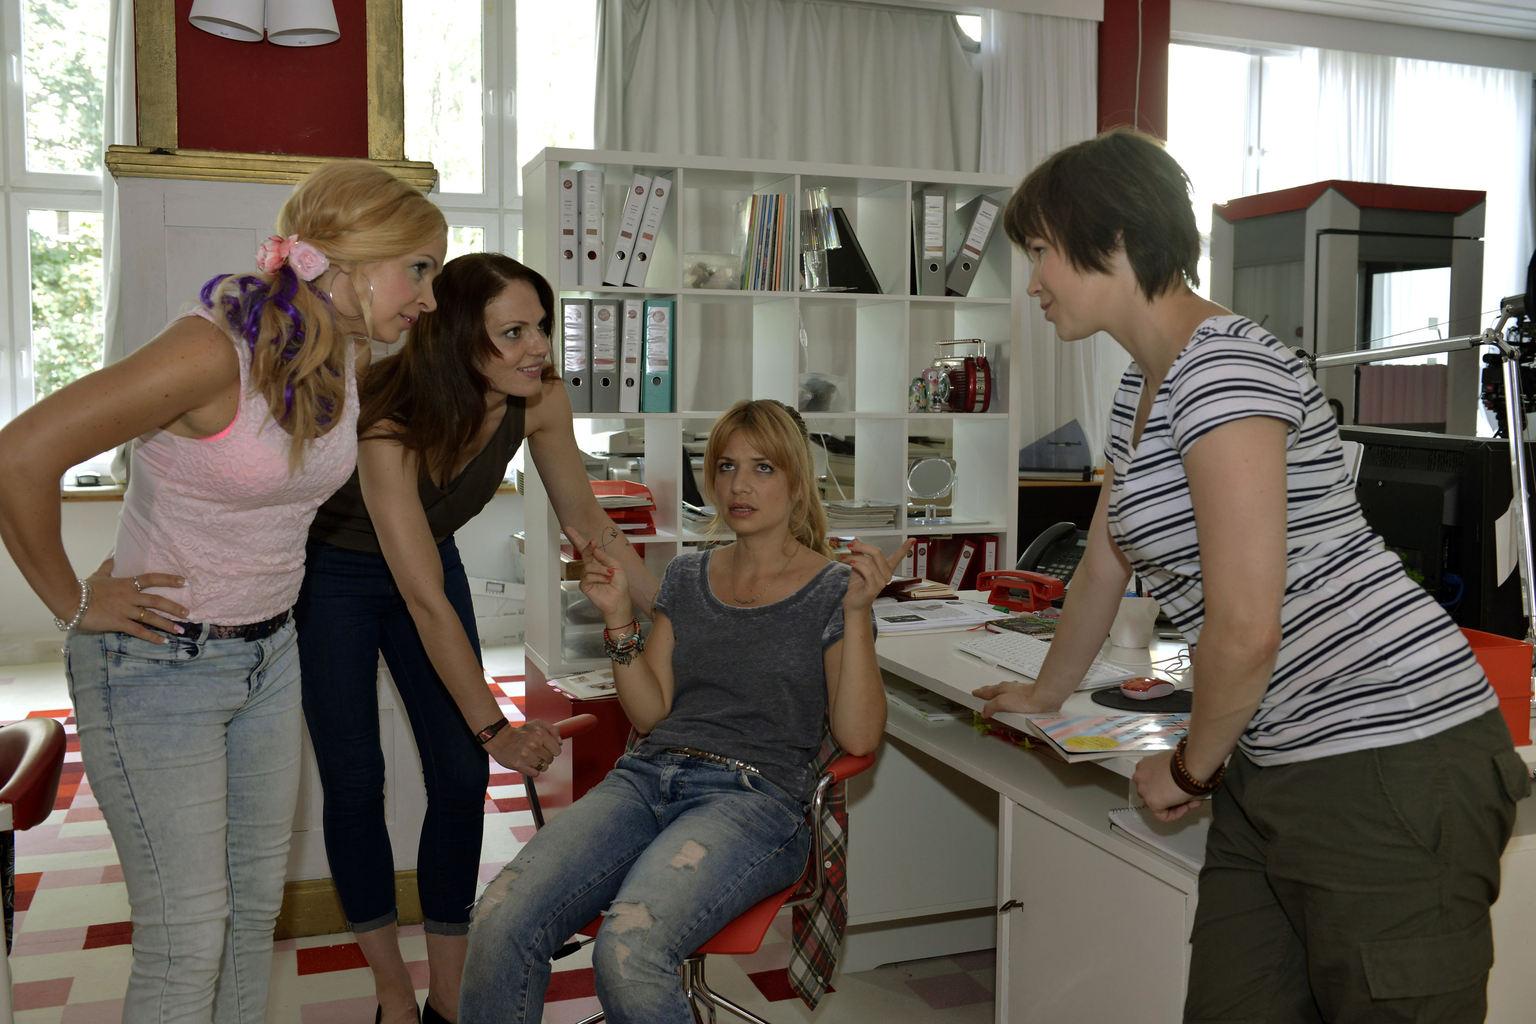 Sind von dem neuen Fotografen angetan: (v.l.n.r.) Nadine (Sarah Schindler), Toni (Isabella Vinet), Mila (Susan Sideropoulos) und Kathi (Nika Weckler) ... (Quelle: Sat 1)